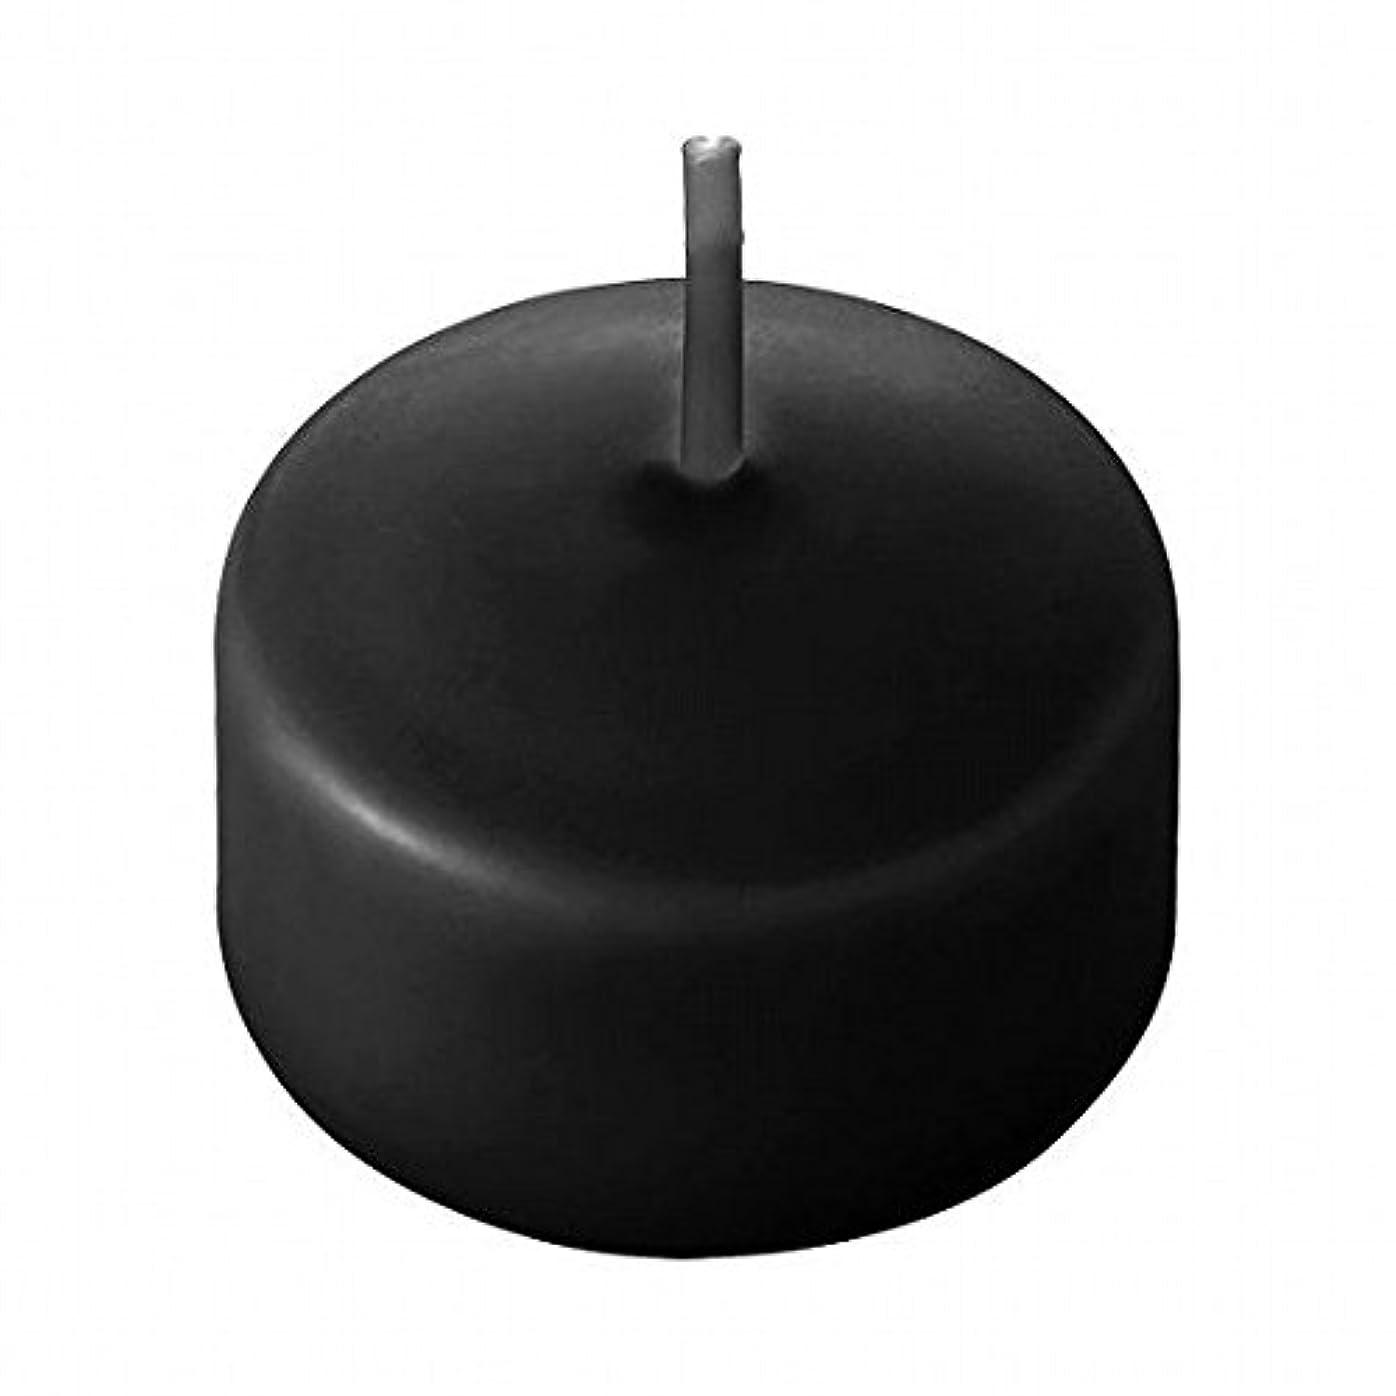 擁する座標加速度kameyama candle(カメヤマキャンドル) キャンドル ハッピープール(カラーアトリエ) 「 ブラック 」 24個入り キャンドル (72800000BK)